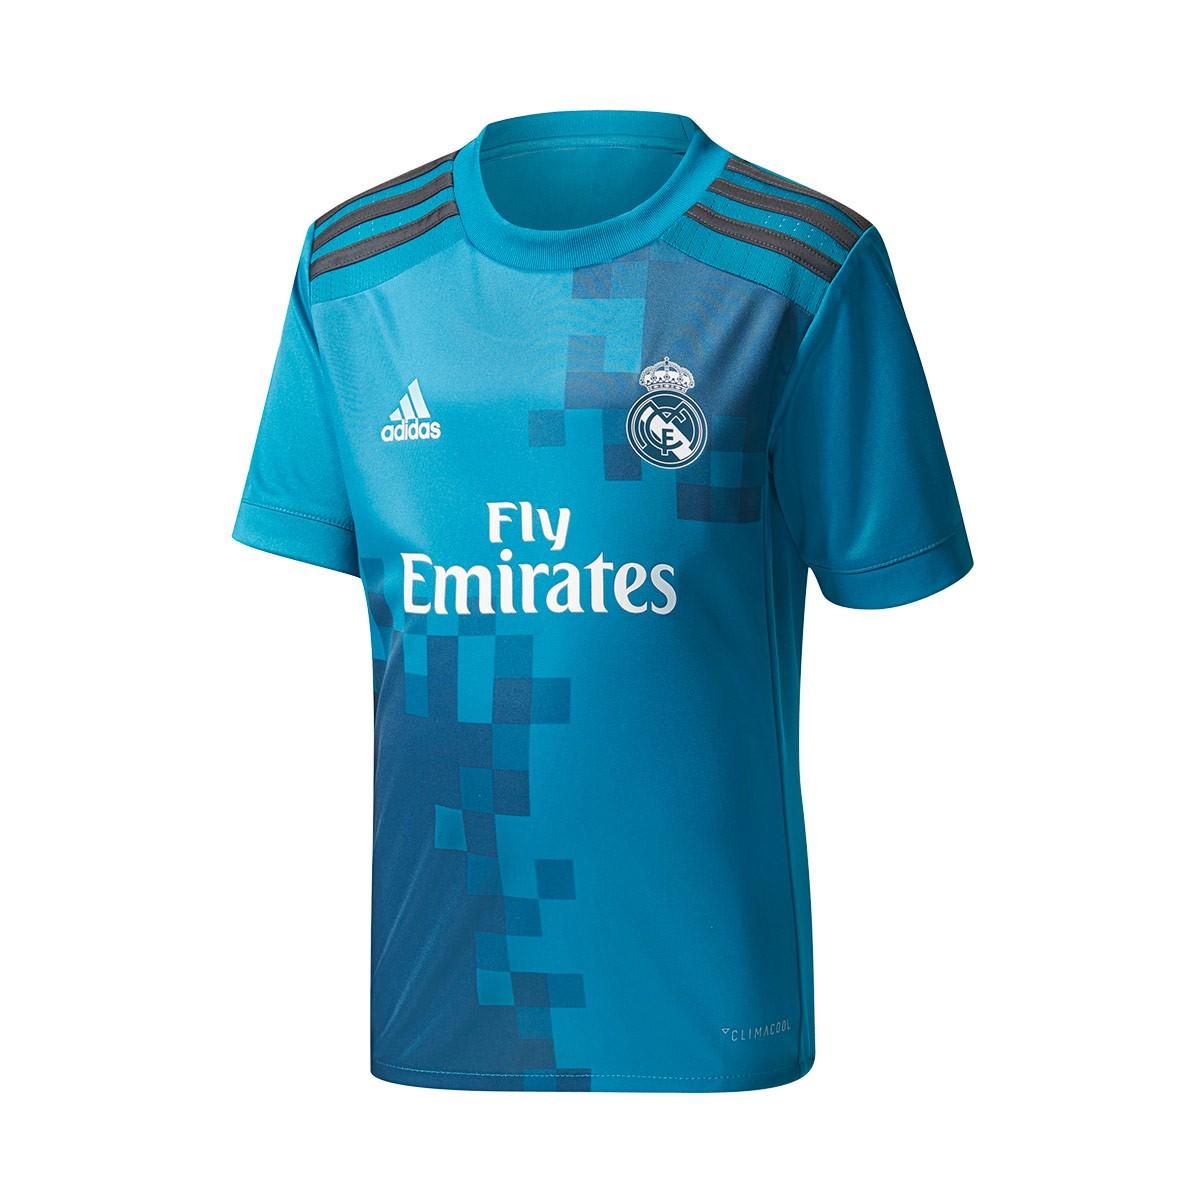 eebdd279699fd Conjunto adidas Real Madrid Tercera Equipación 2017-2018 Niño Vivid  teal-Solid grey-White - Tienda de fútbol Fútbol Emotion